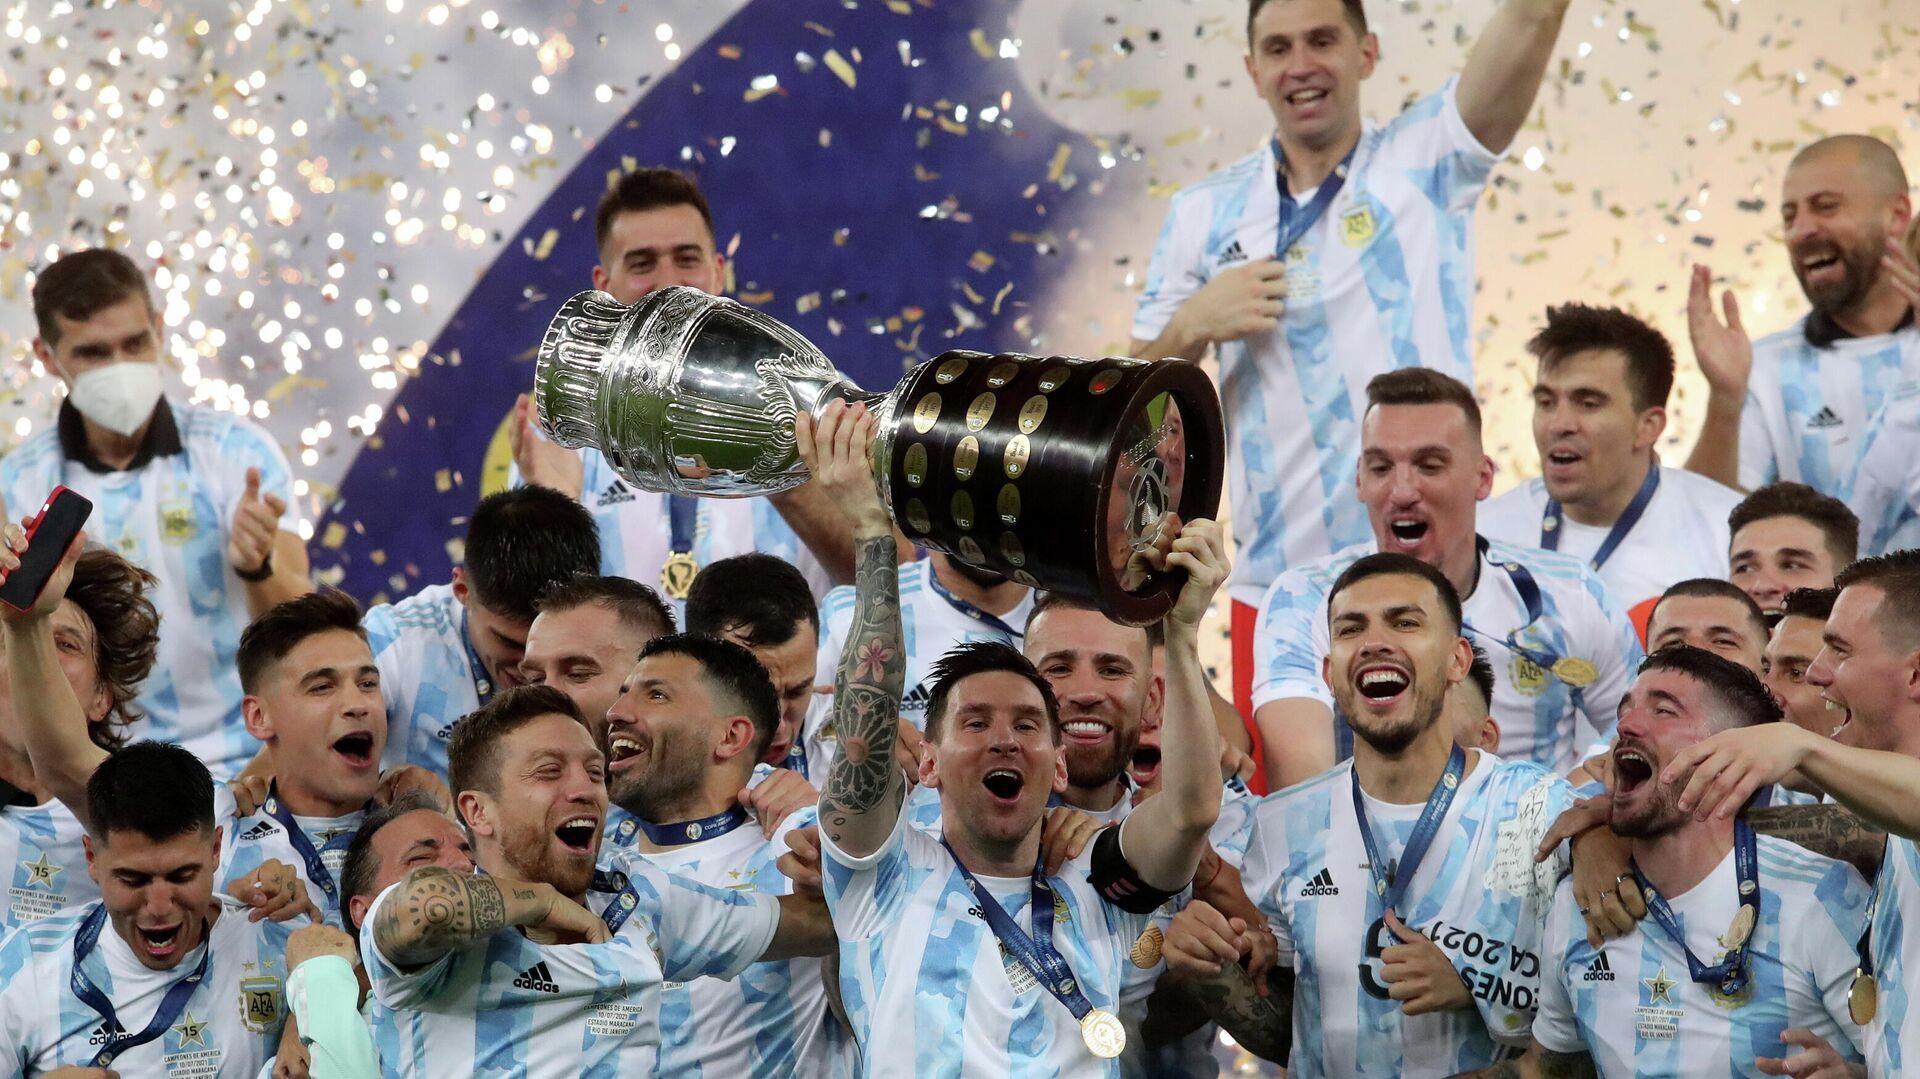 La selección argentina tras su victoria en la Copa América - Sputnik Mundo, 1920, 12.07.2021